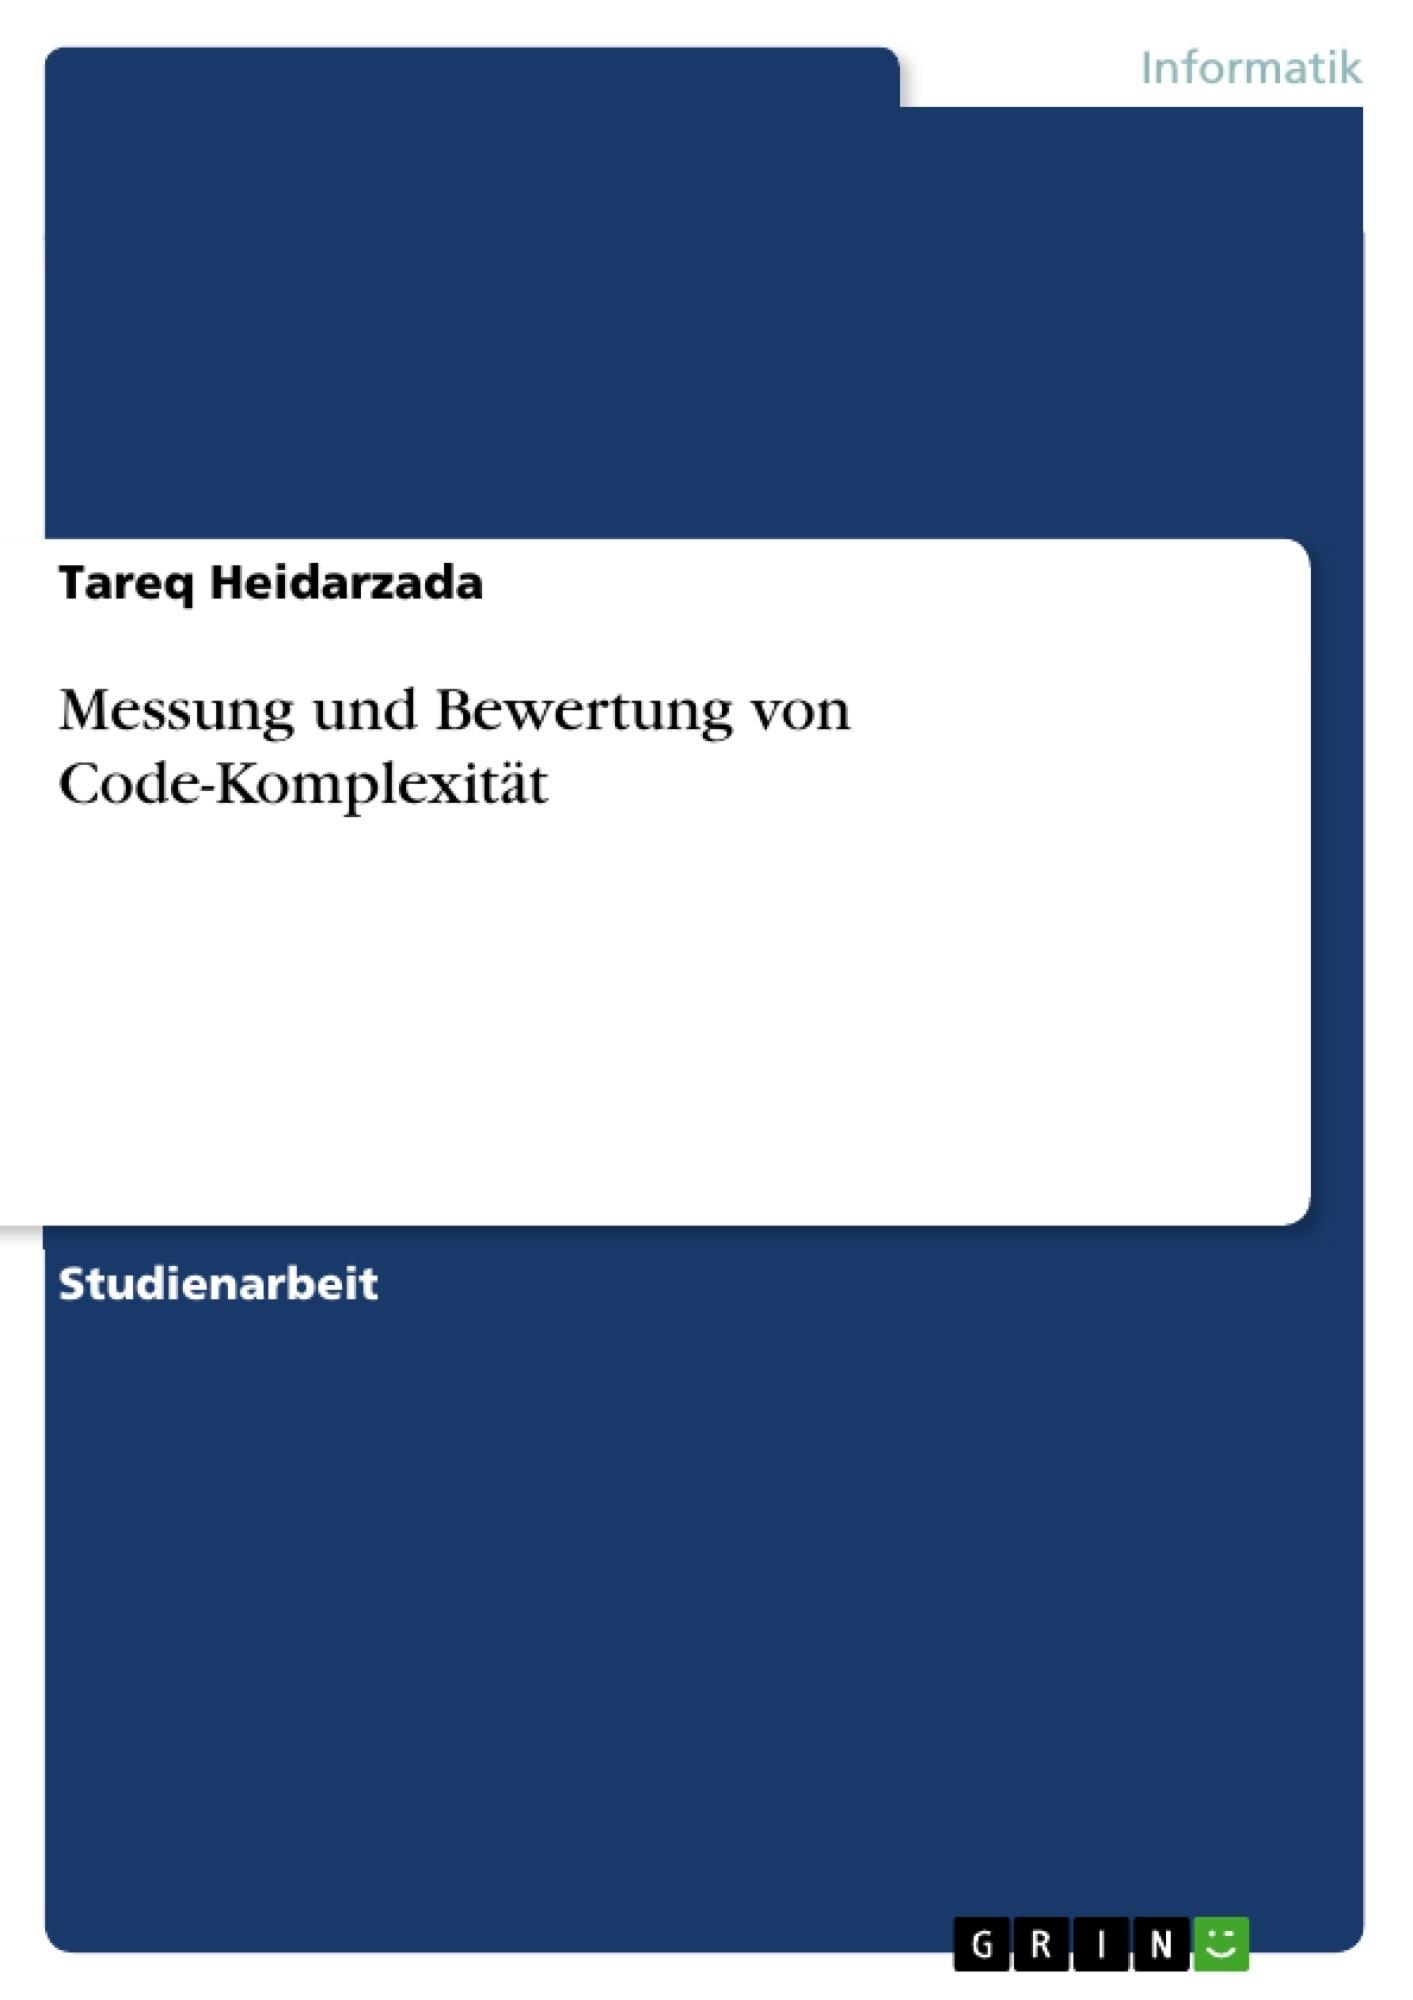 Titel: Messung und Bewertung von Code-Komplexität